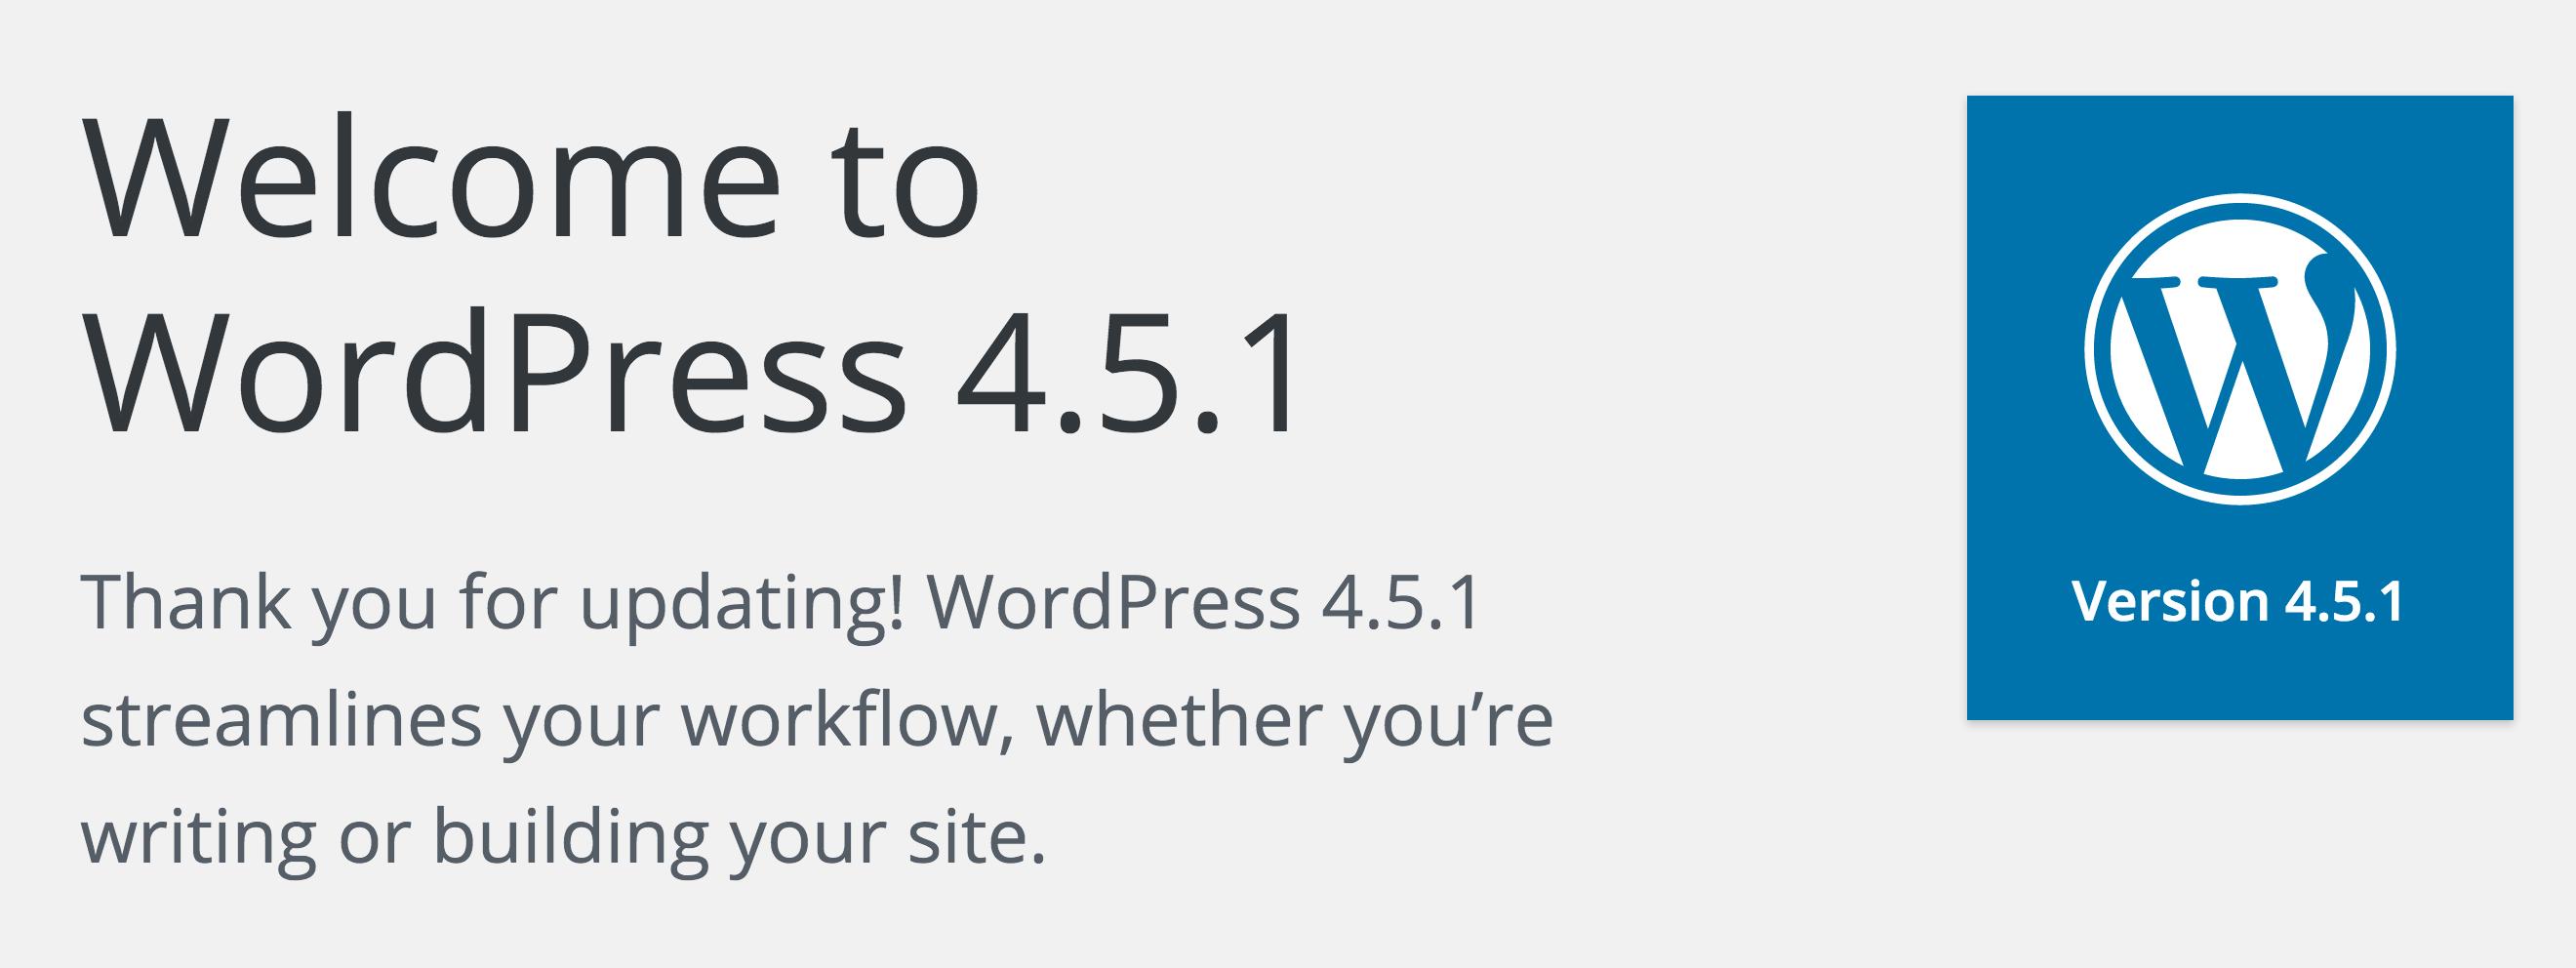 WordPress 4.5.1 update Success Screen